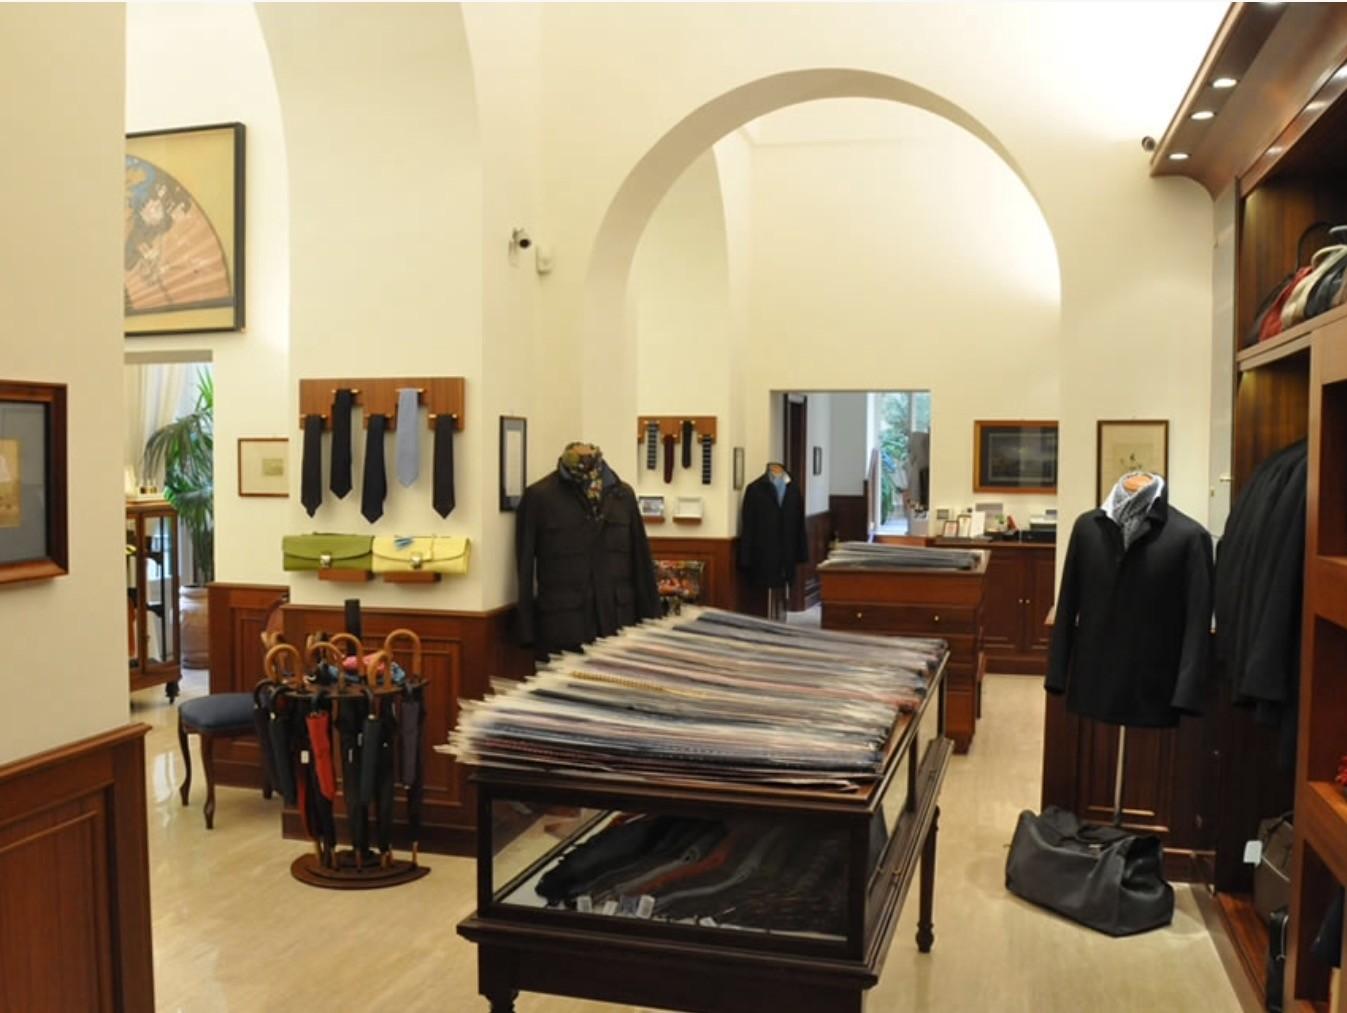 最高の一本をナポリで!イタリア・ナポリのネクタイ専門店「E.マリネッラ」